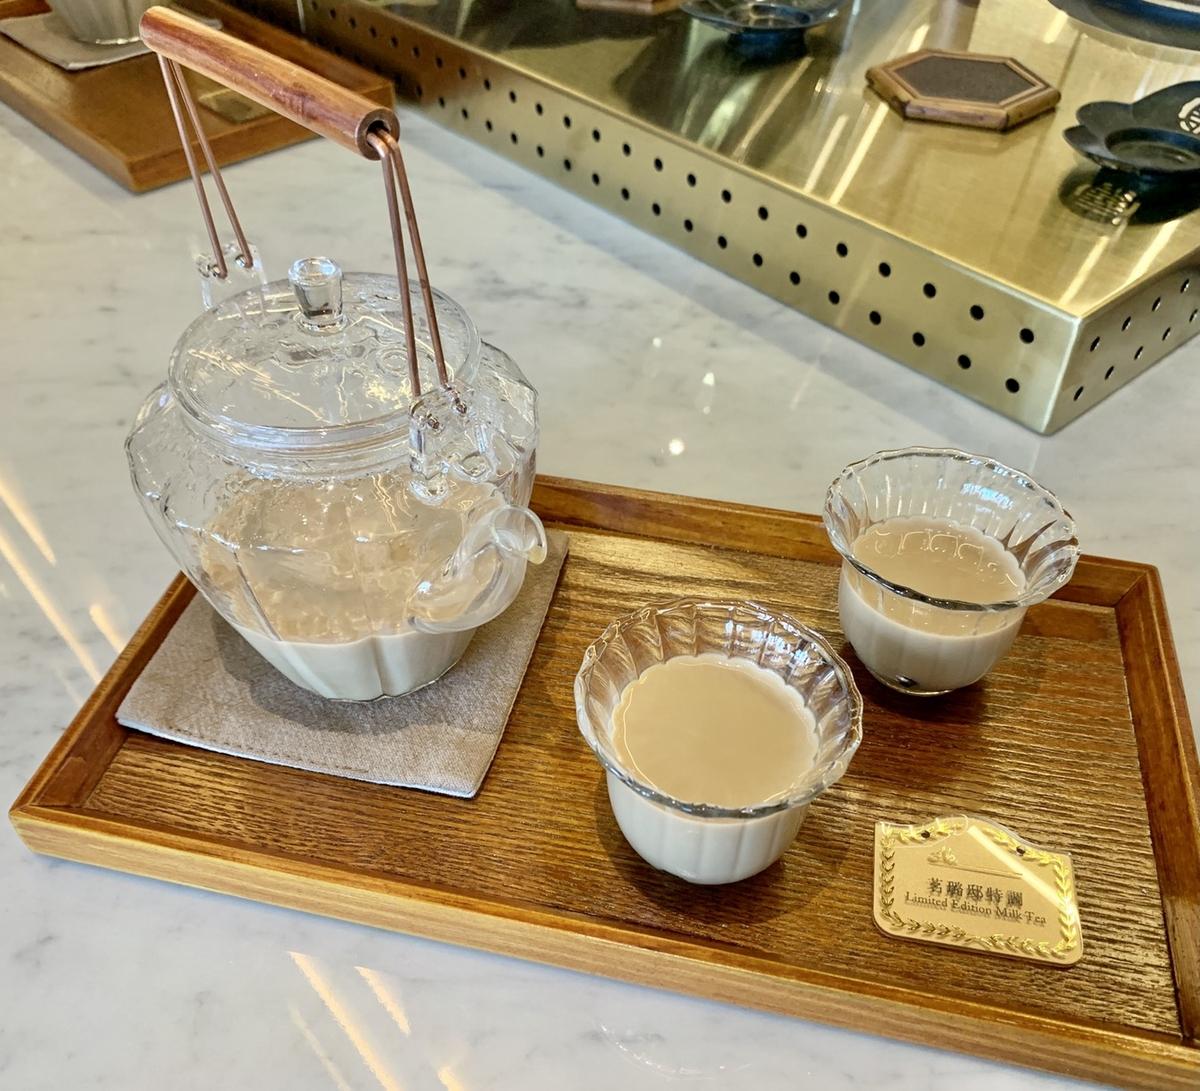 「永心鳳茶奶茶專門所」微風南山開幕!6款療癒奶茶、獨家茶布丁、碗型台式料理必吃推薦,加碼2款聯名茶飲販售